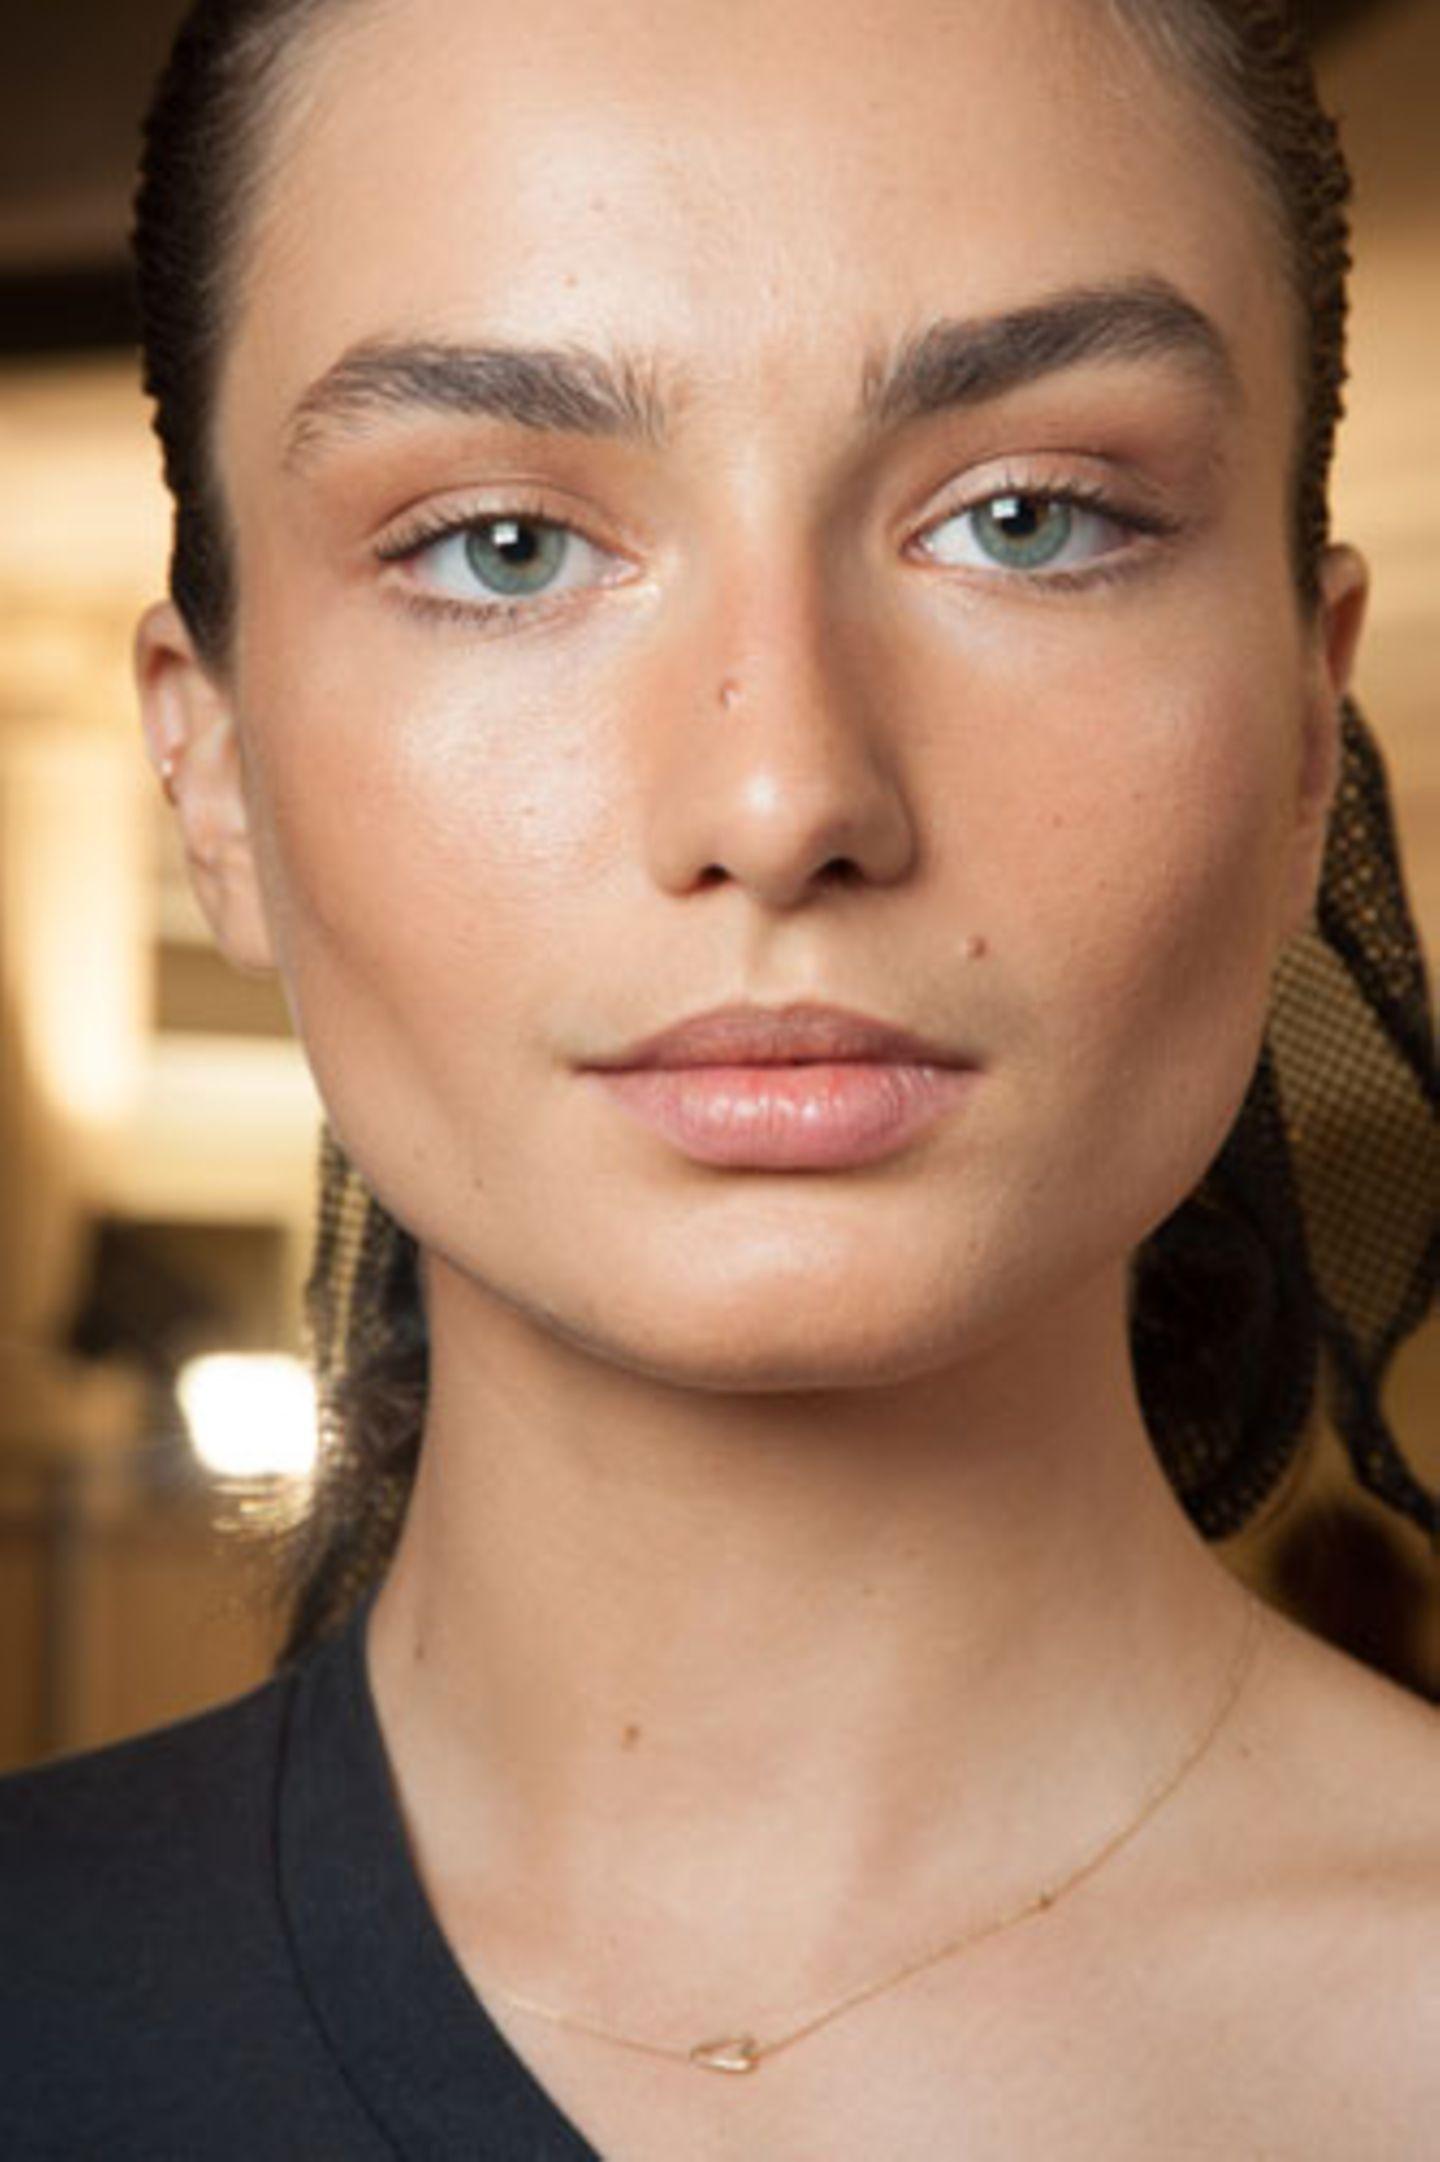 Wie wirkt Make-up: Gebräunter Teint